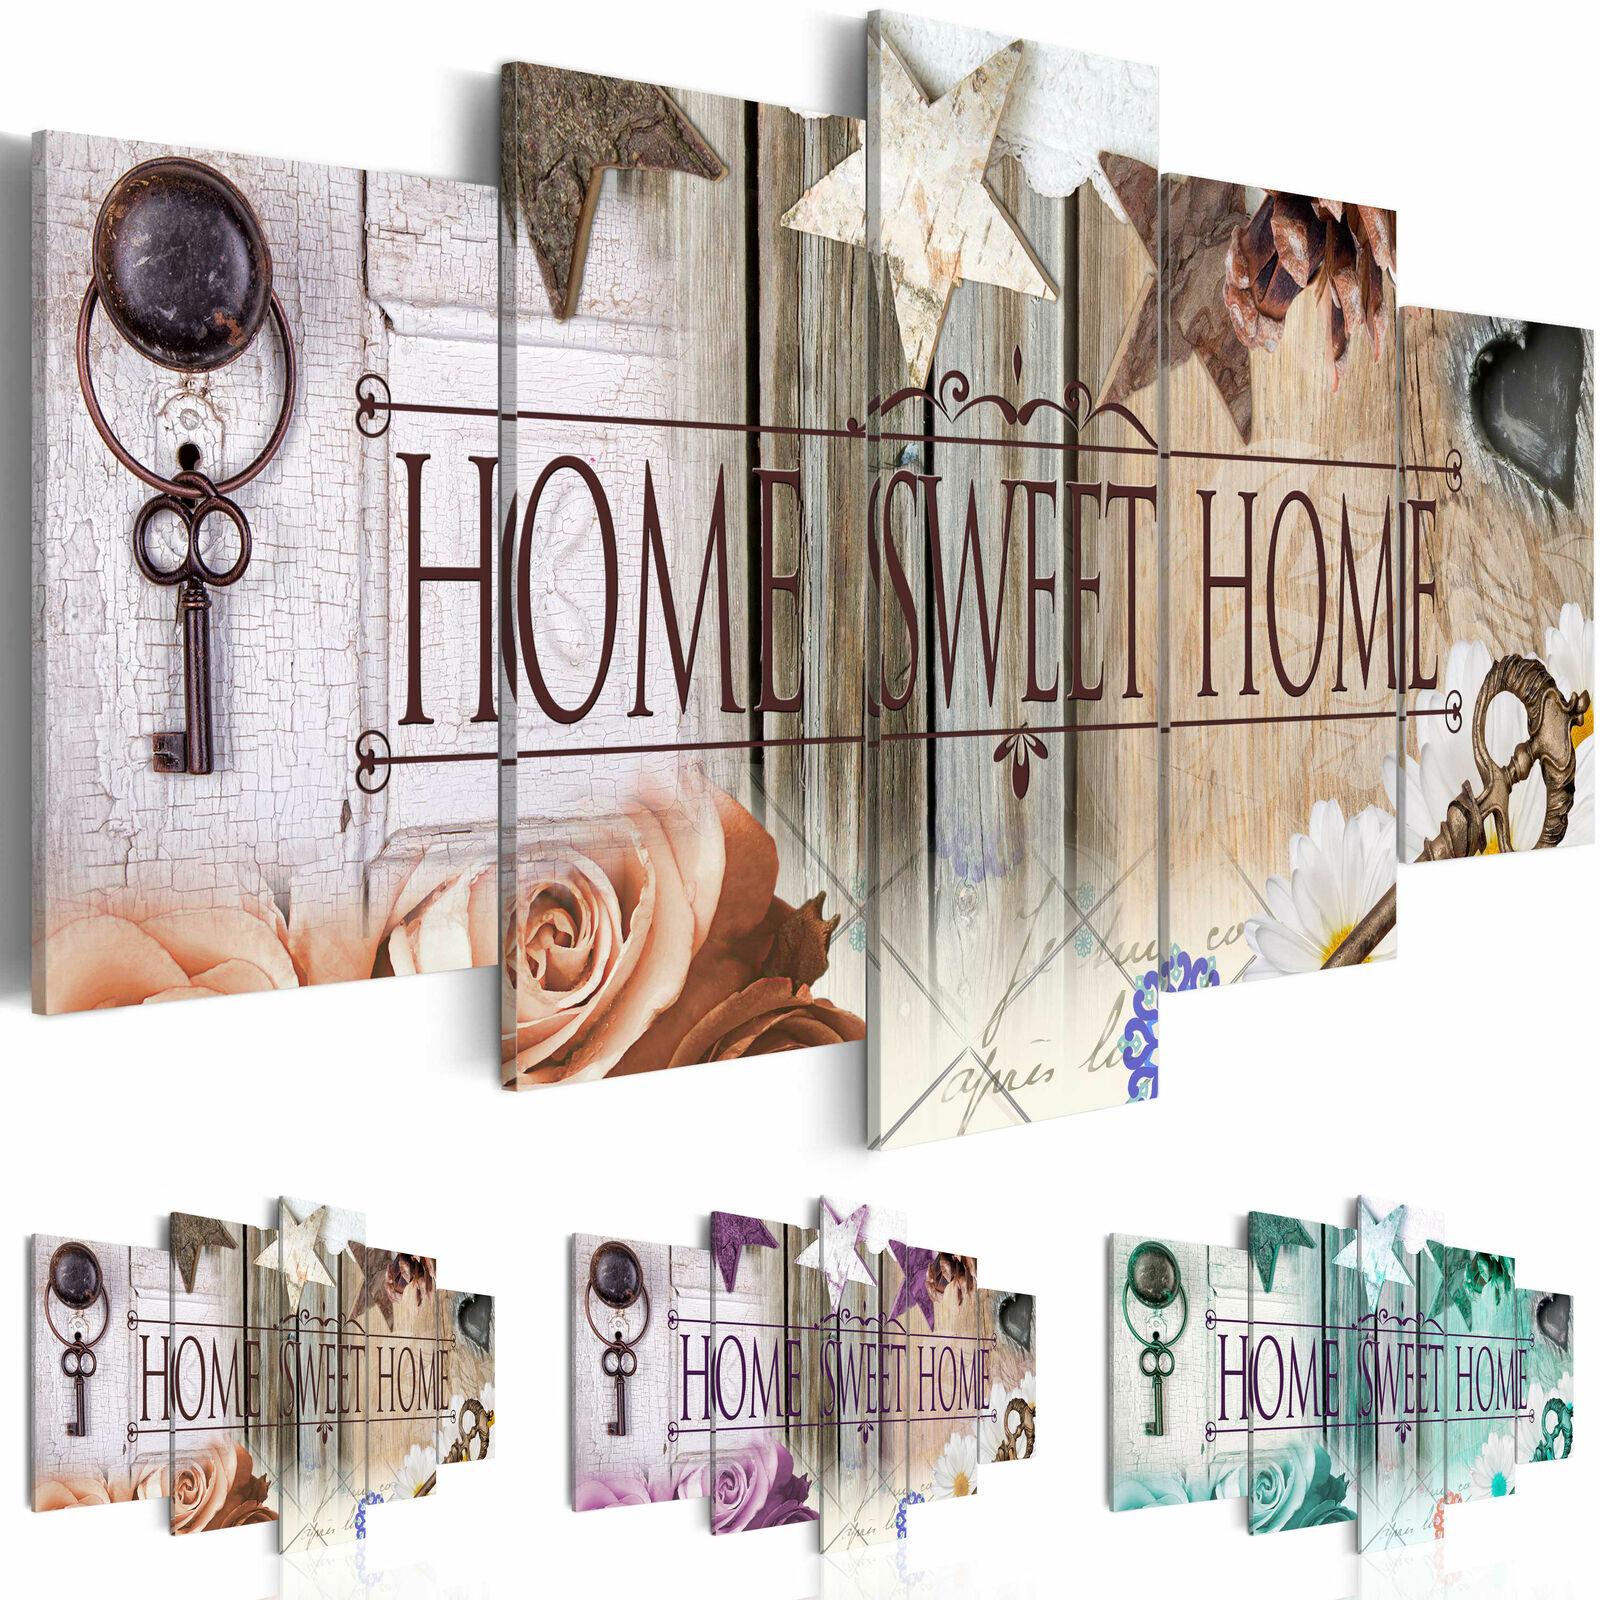 Acrylglasbild Wandbild Kunstdruck Bilder Home Retro Holz Bretter m-C-0208-k-n